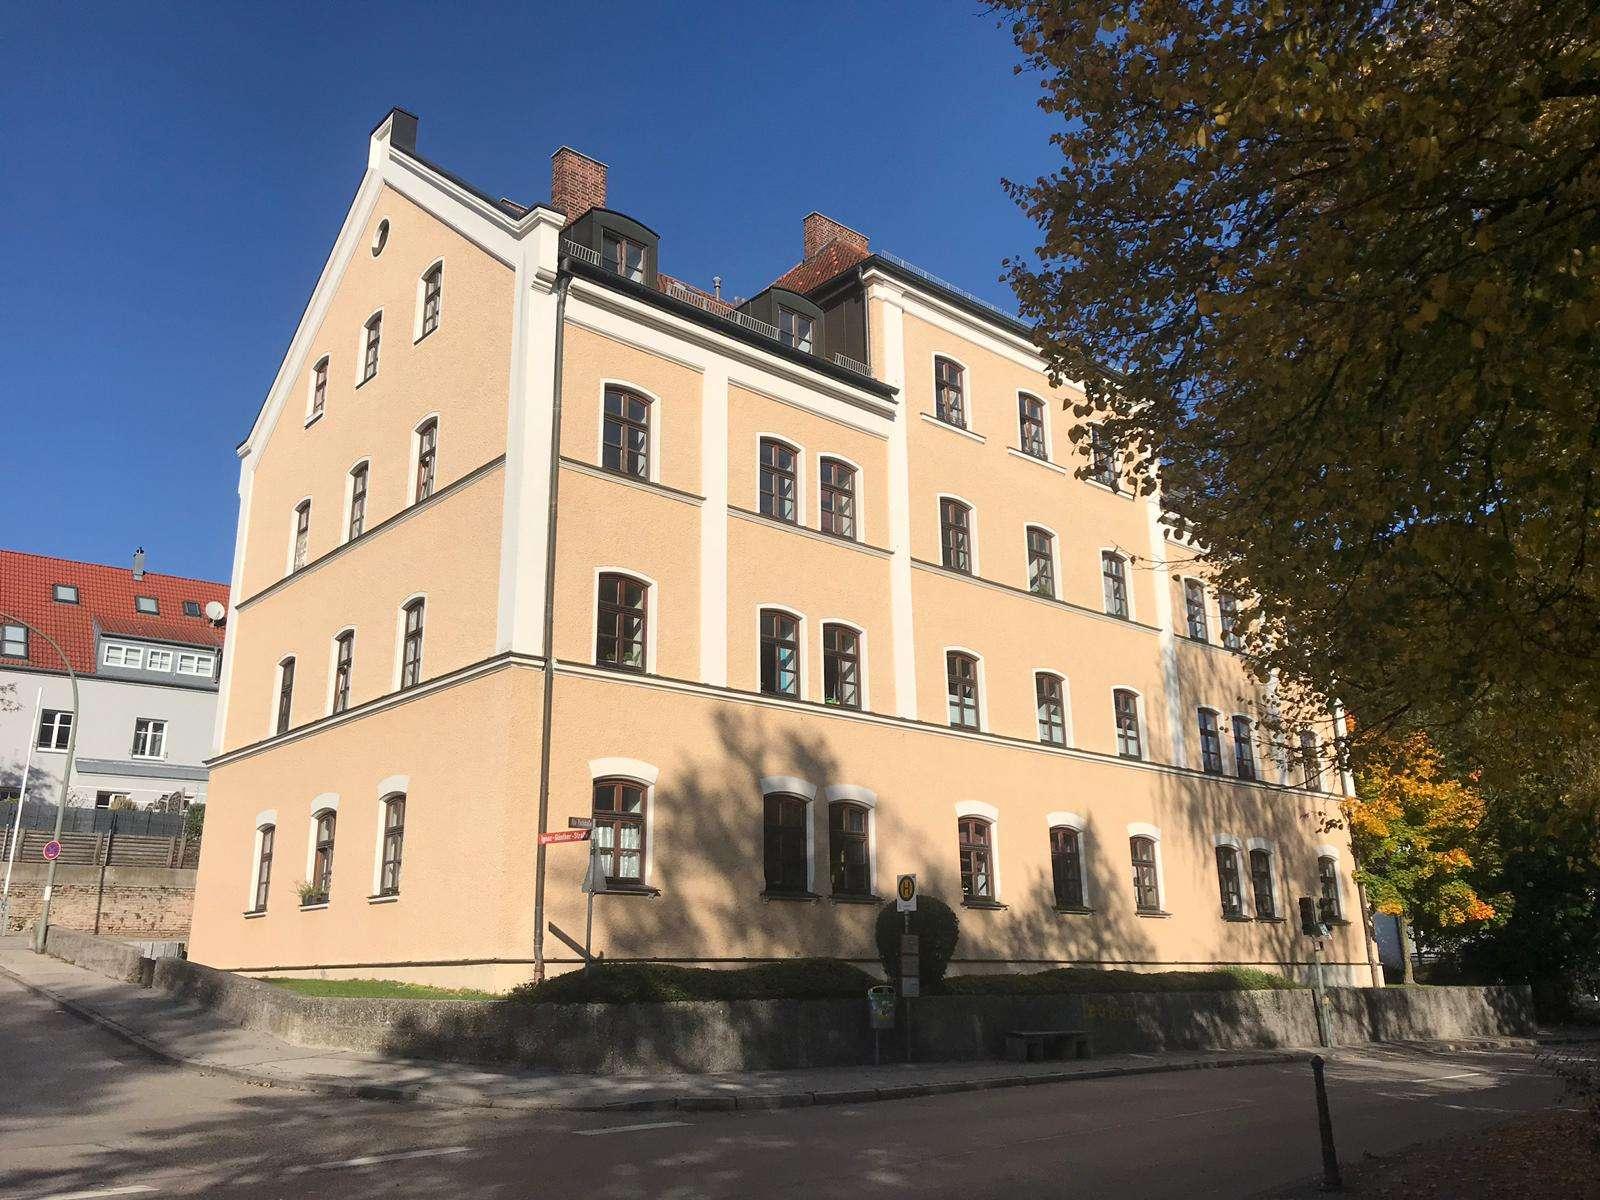 Charmante, helle 2-Zimmer-Wohnung in ehemaligem Schulhaus in Freising